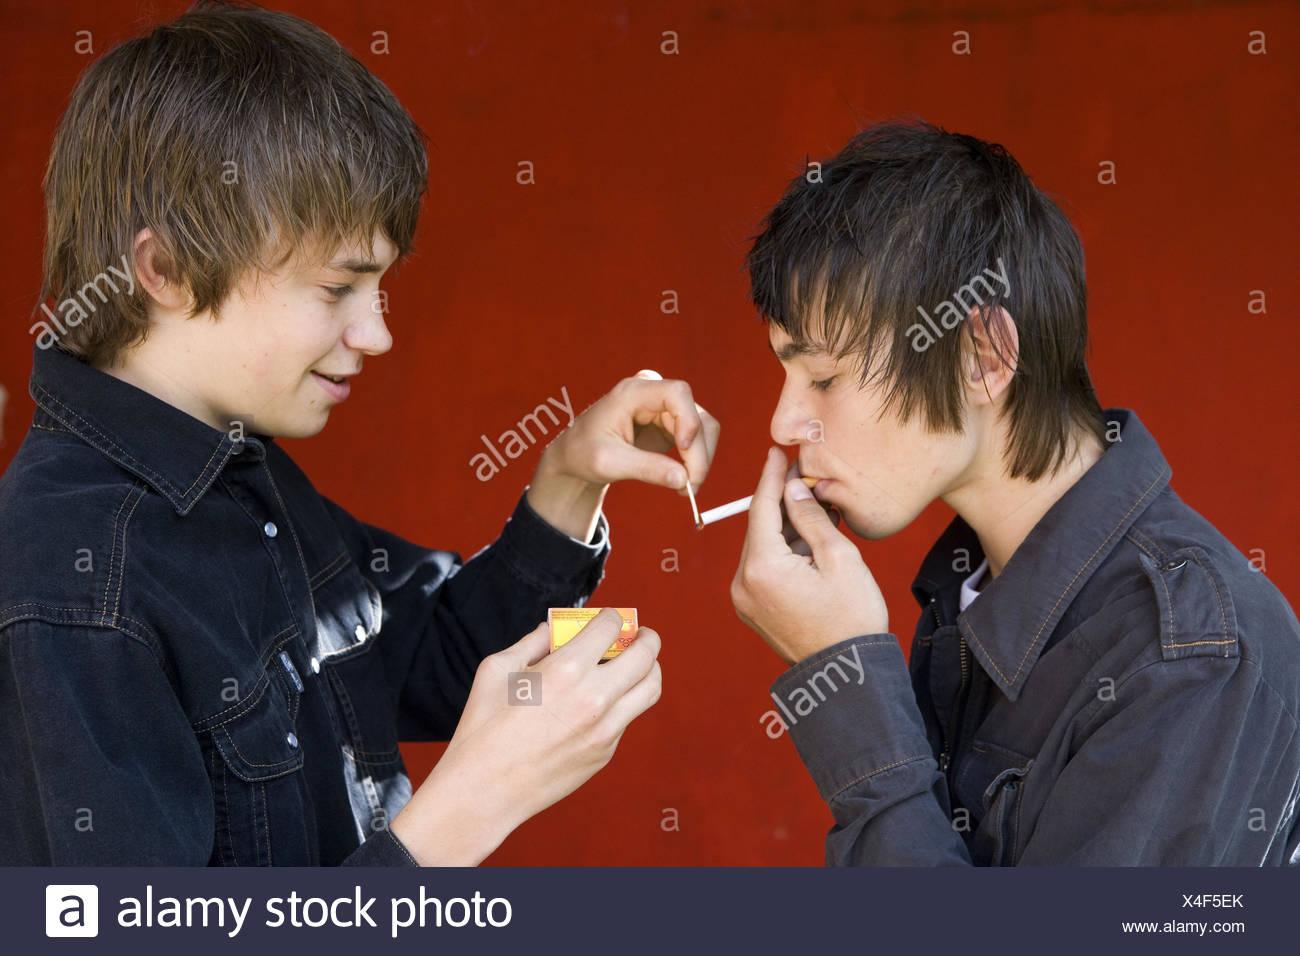 Teenagersboyscigarette smoke stock image